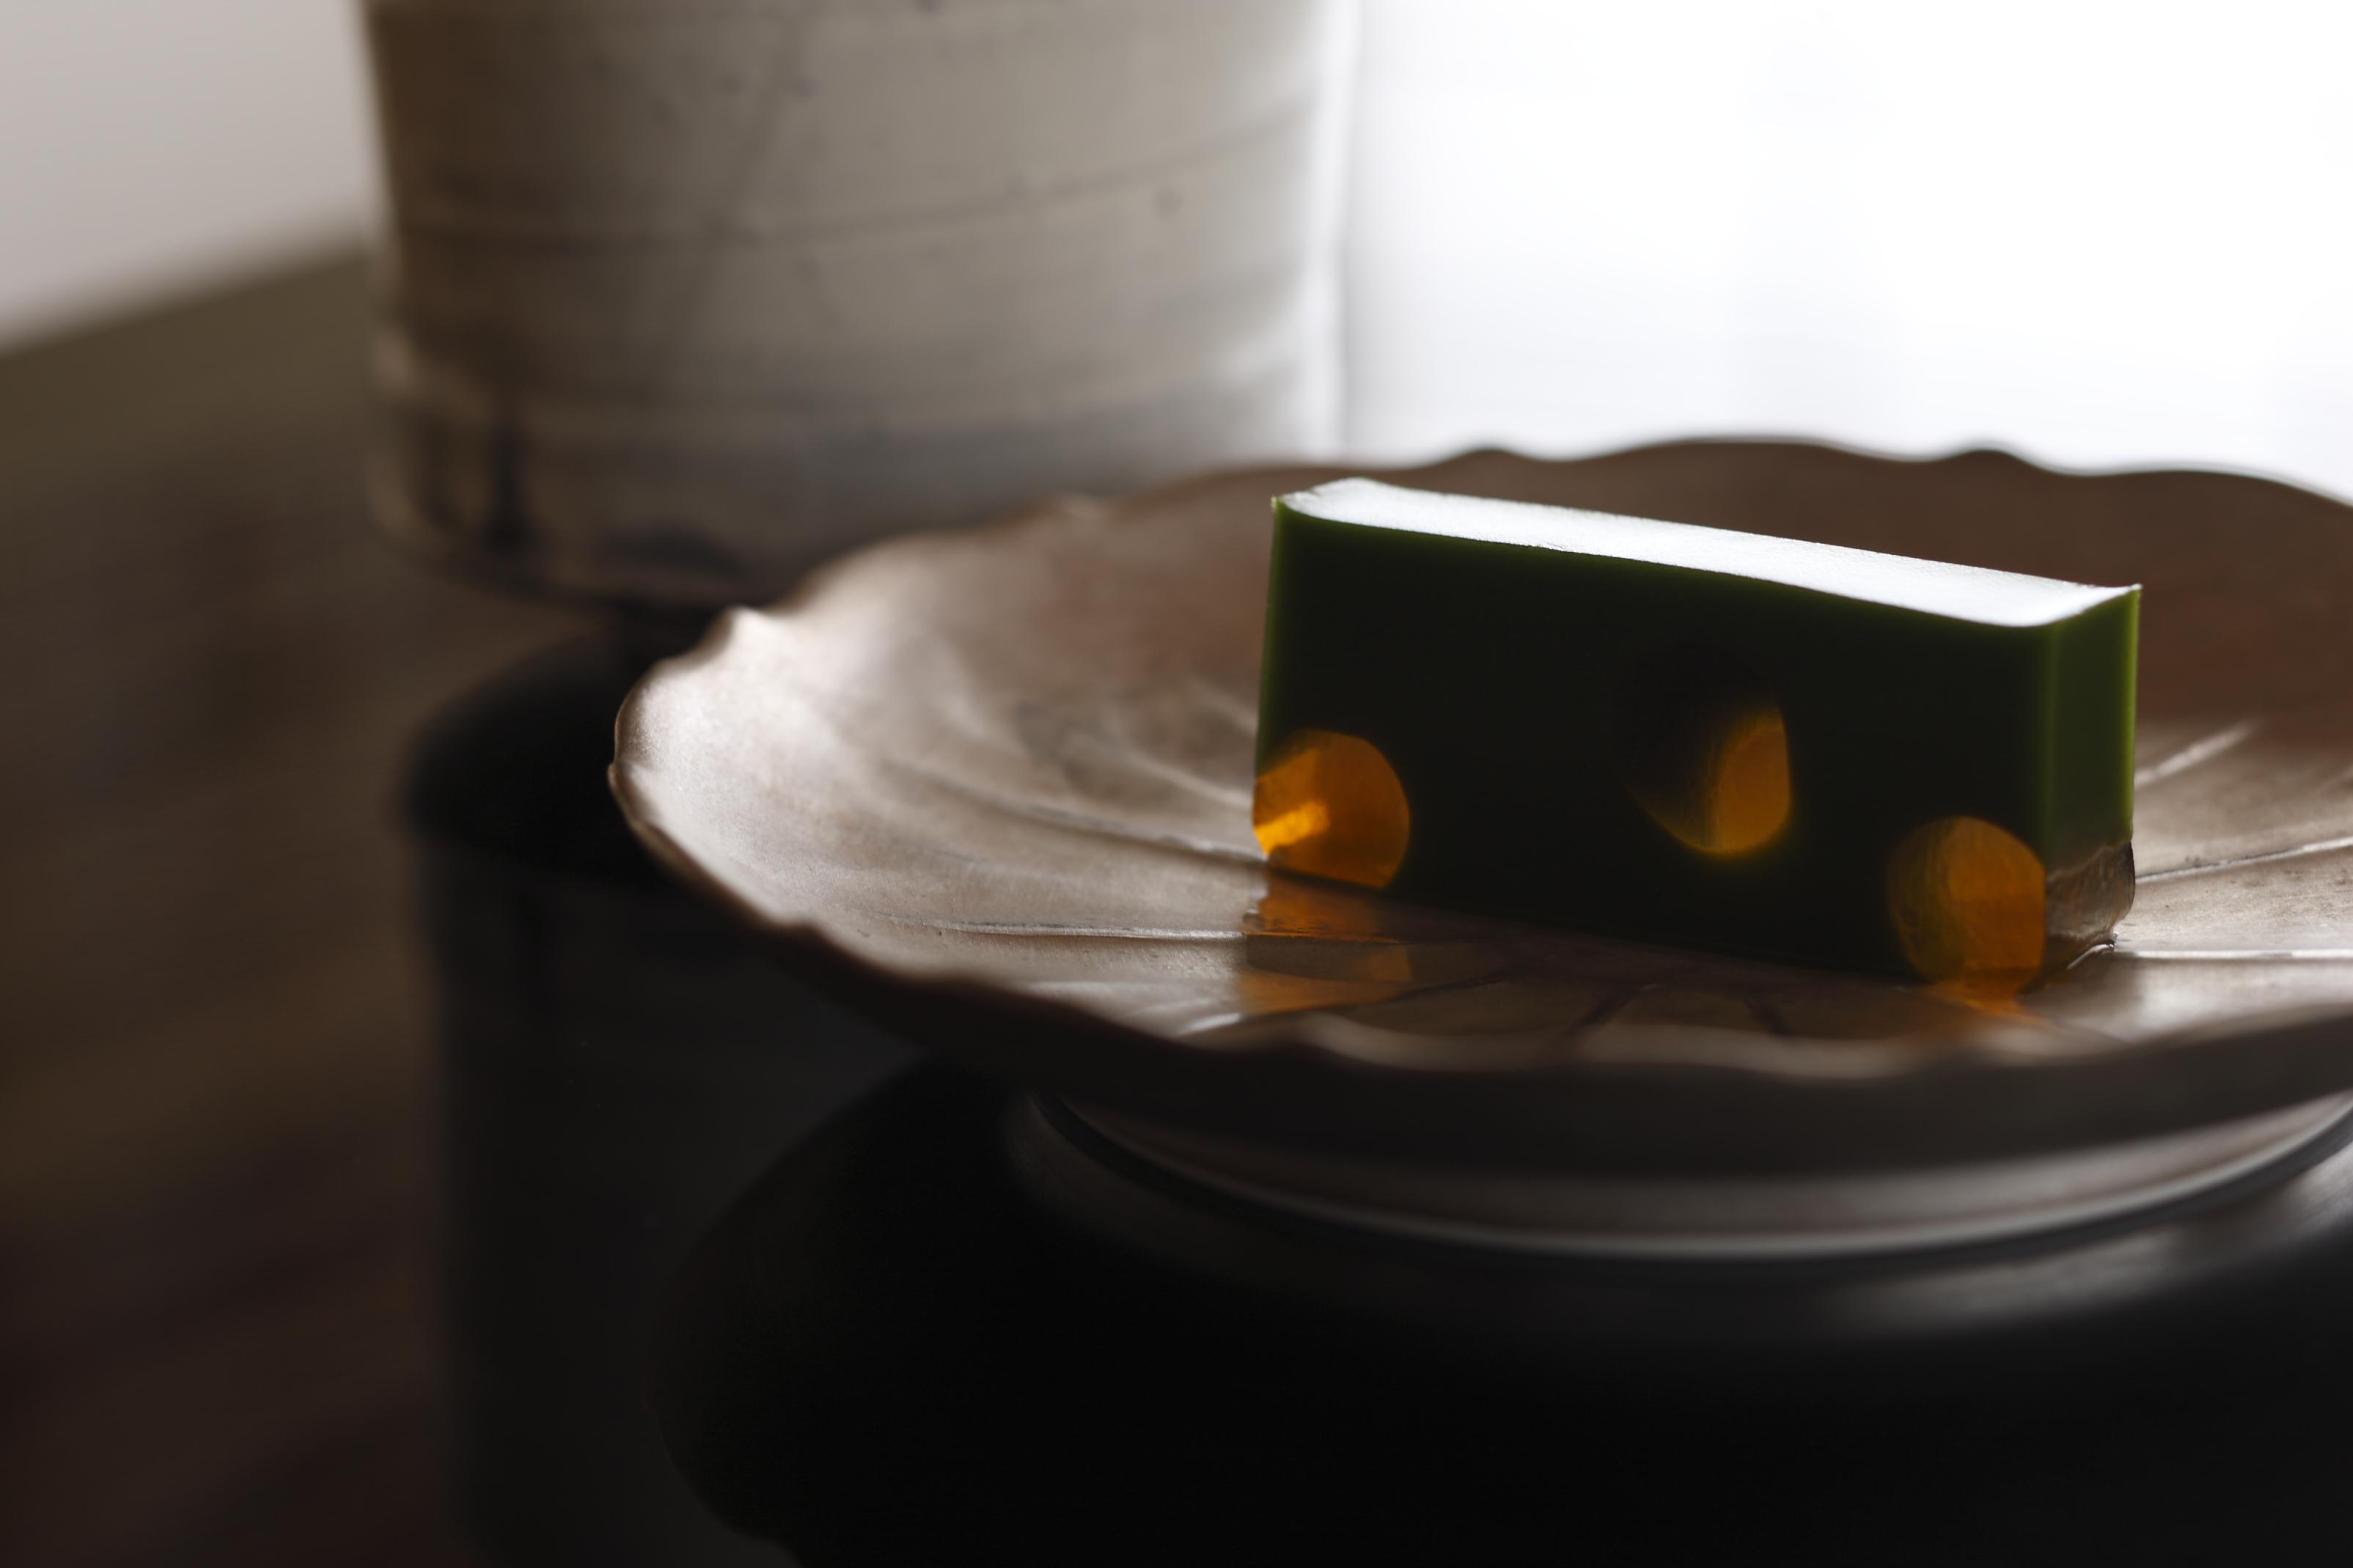 7月の茶菓席メニュー「笹ほたる」